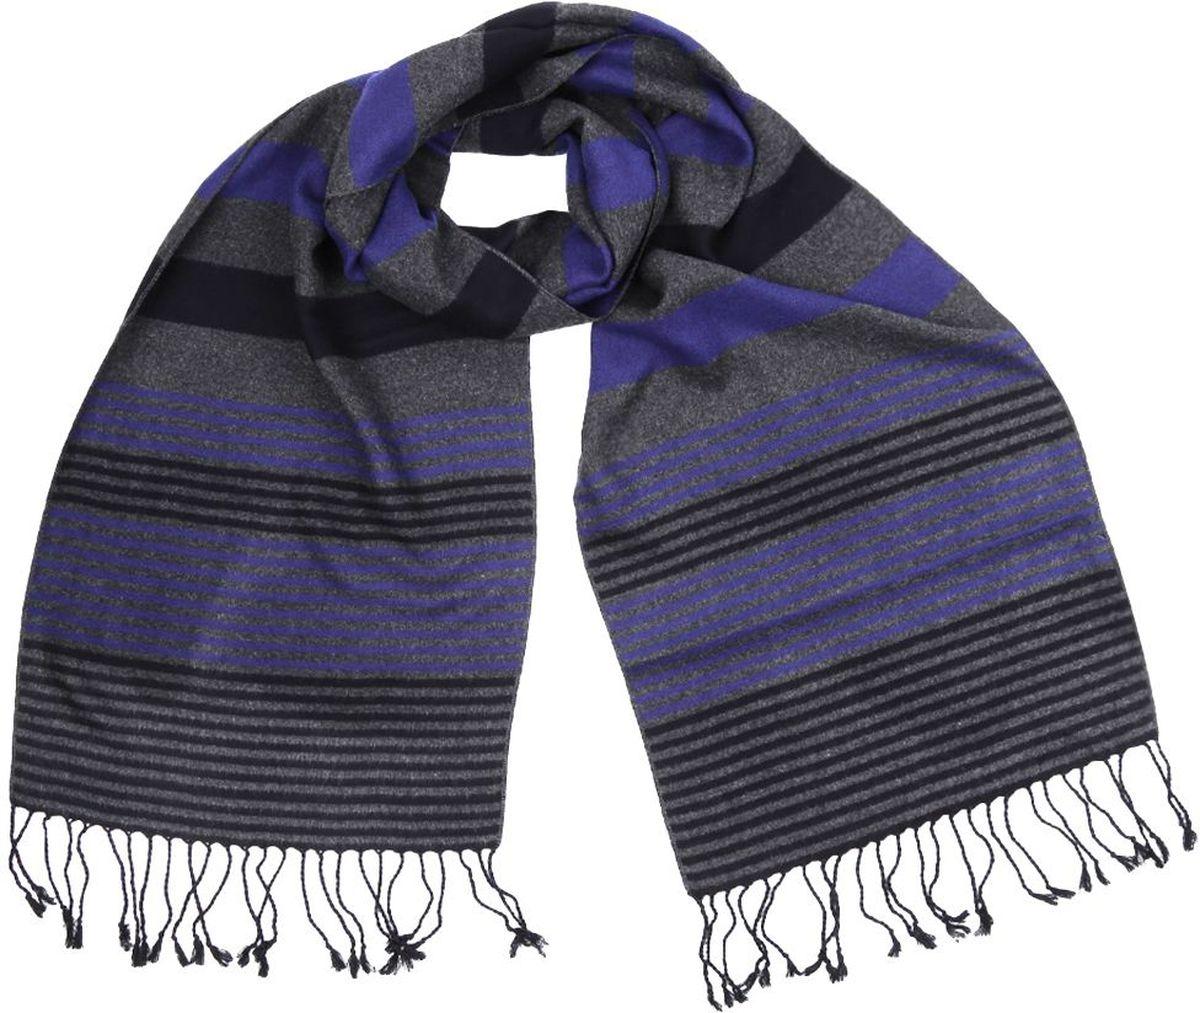 ШарфR013440-1Мужской шарф от итальянского бренда Fabretti выполнен из натуральной шерсти с добавлением вискозы, которая придает изделию неповторимую мягкость и шелковистость фактуры. Изысканное сочетание фиолетового, серого и черного цвета дополнит любой современный образ, а классические линии подчеркнут ваш безупречный стиль. Аккуратные кисточки, которые украшают края модели позволили дизайнерам создать настоящий шедевр, который подчеркнет вашу статусность и элегантность.